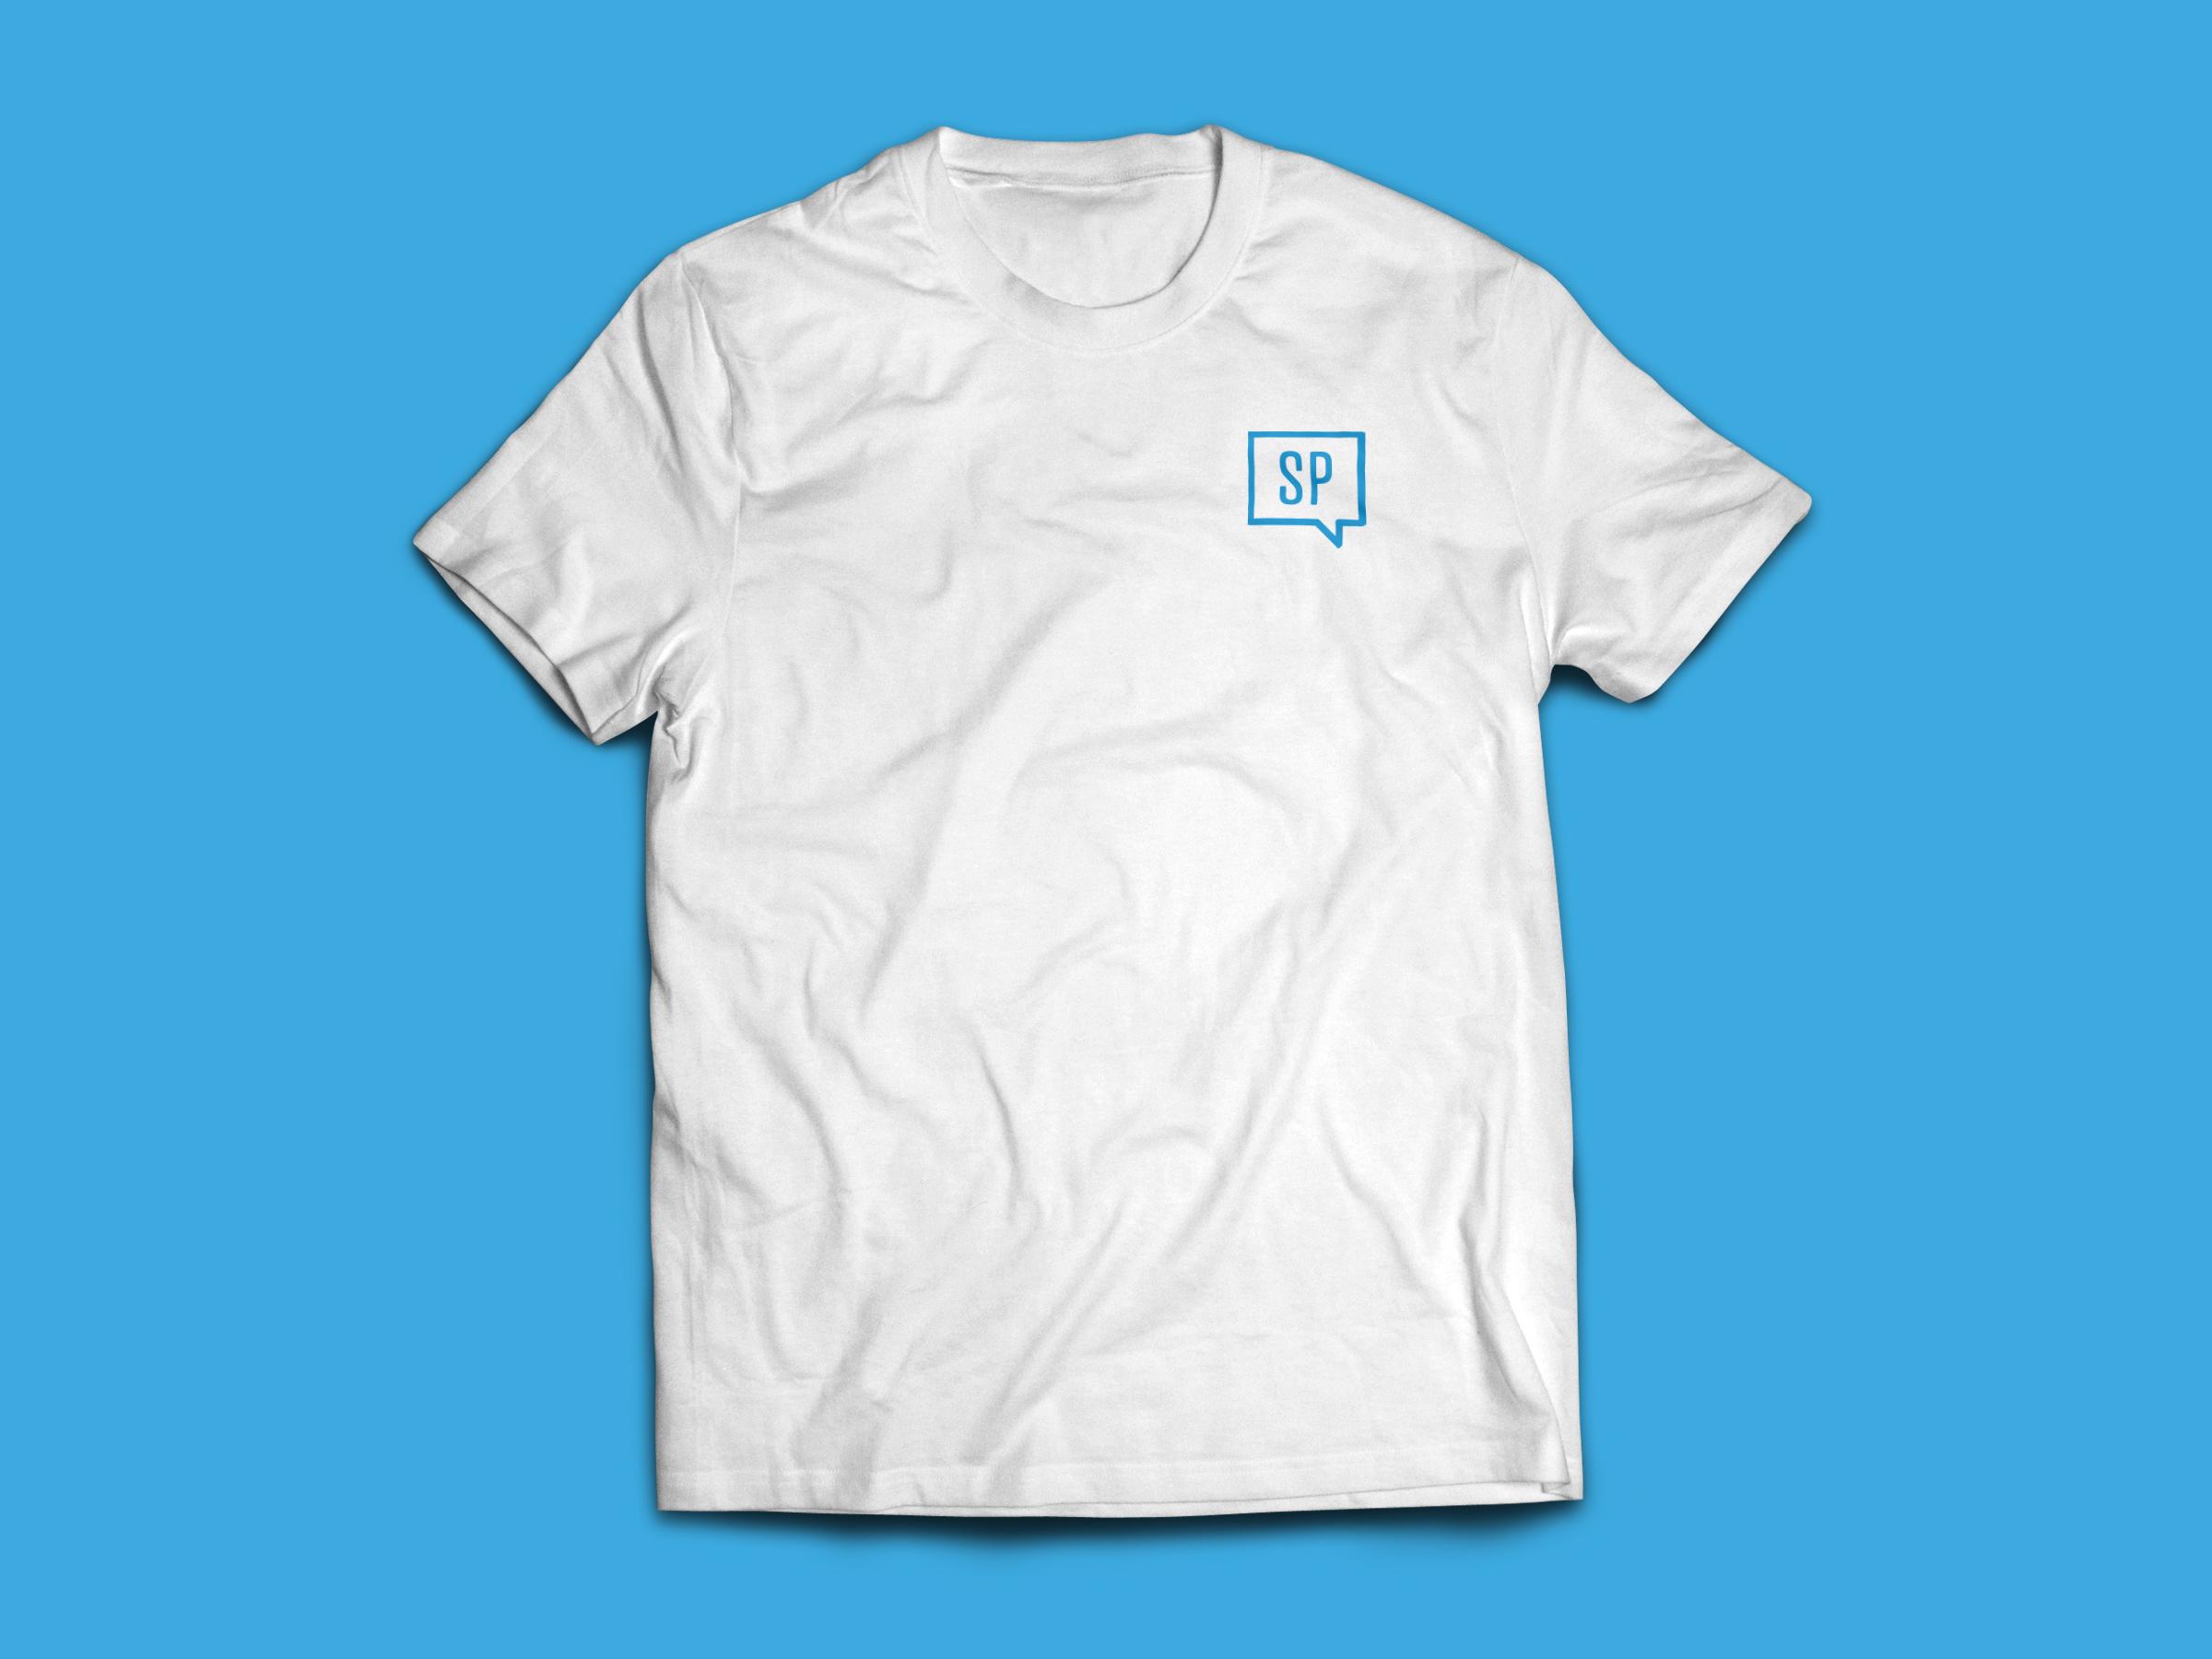 Cm shirt front